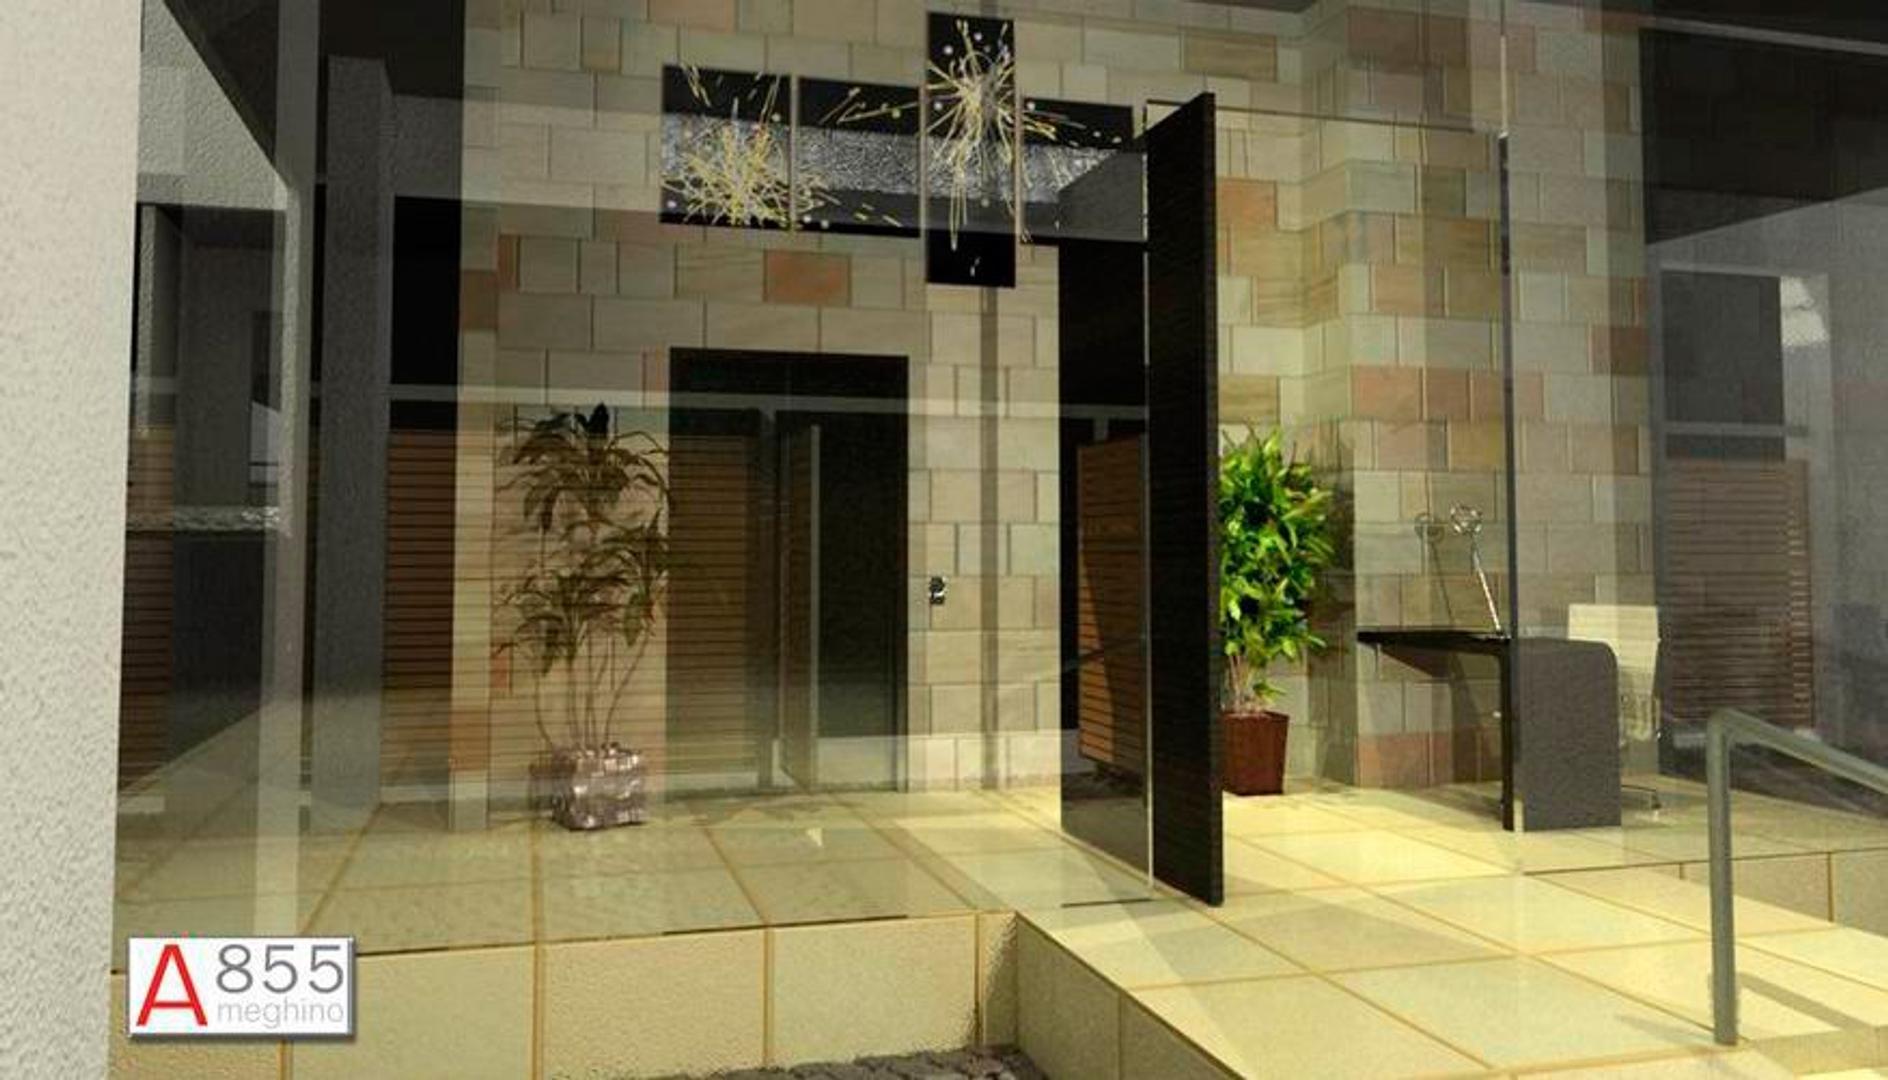 Departamento en Alquiler en Avellaneda - 2 ambientes